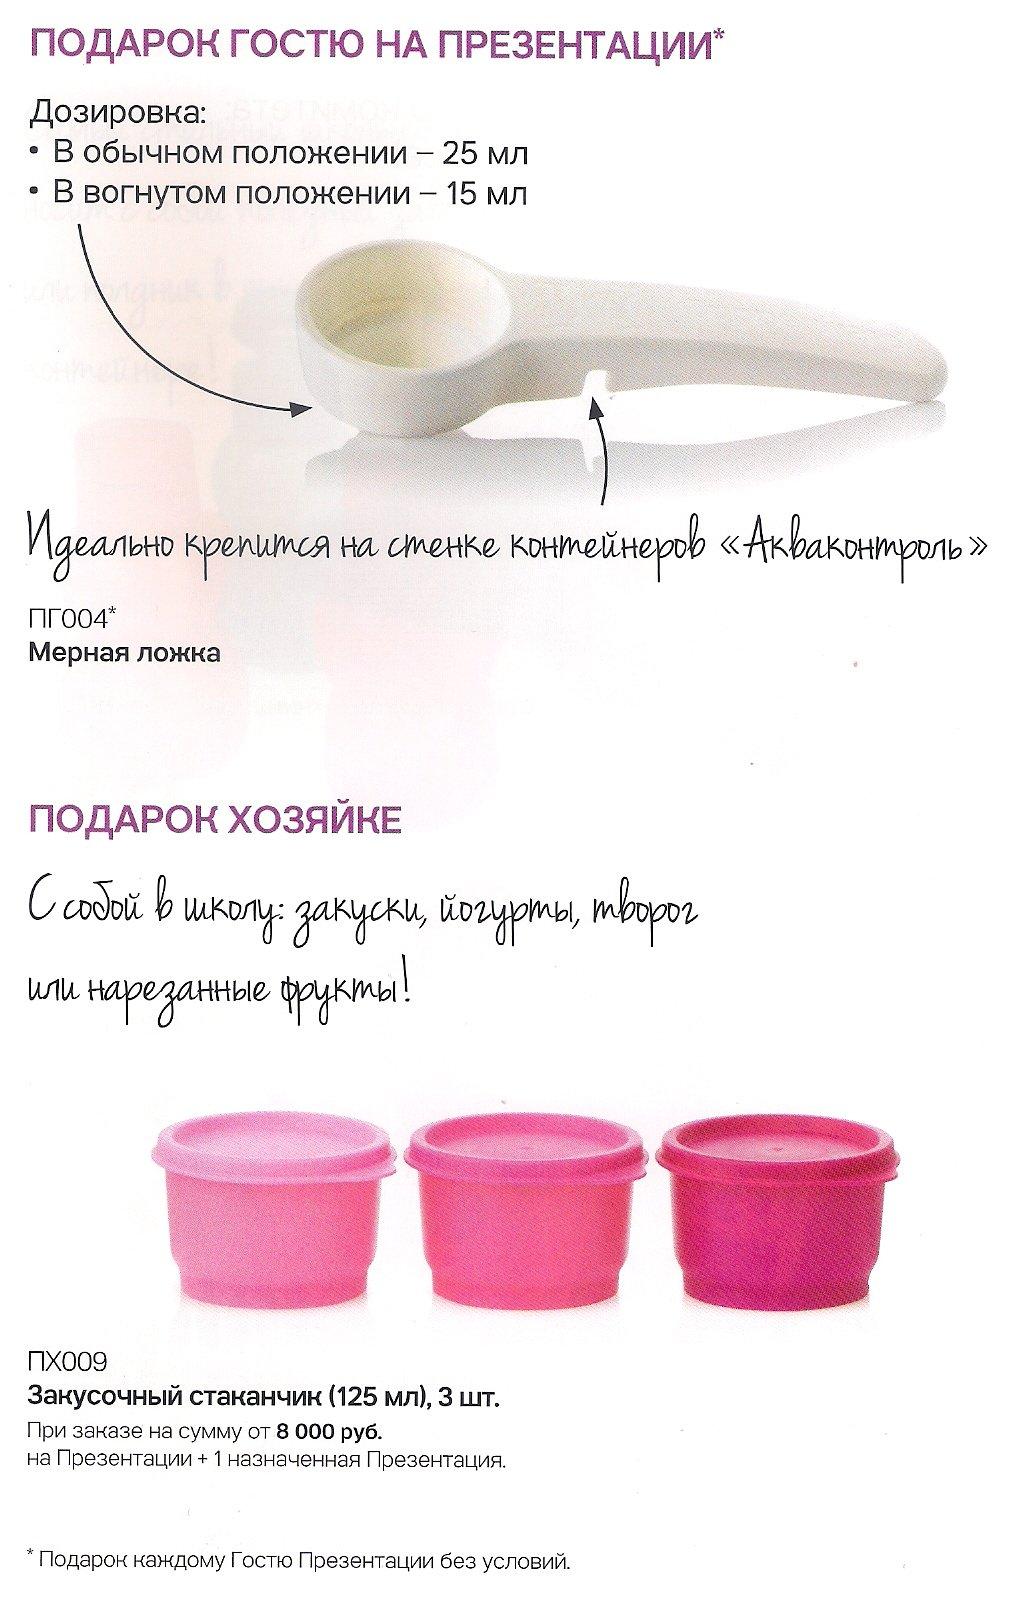 http://tupperware-online.ru/images/upload/6b.jpg